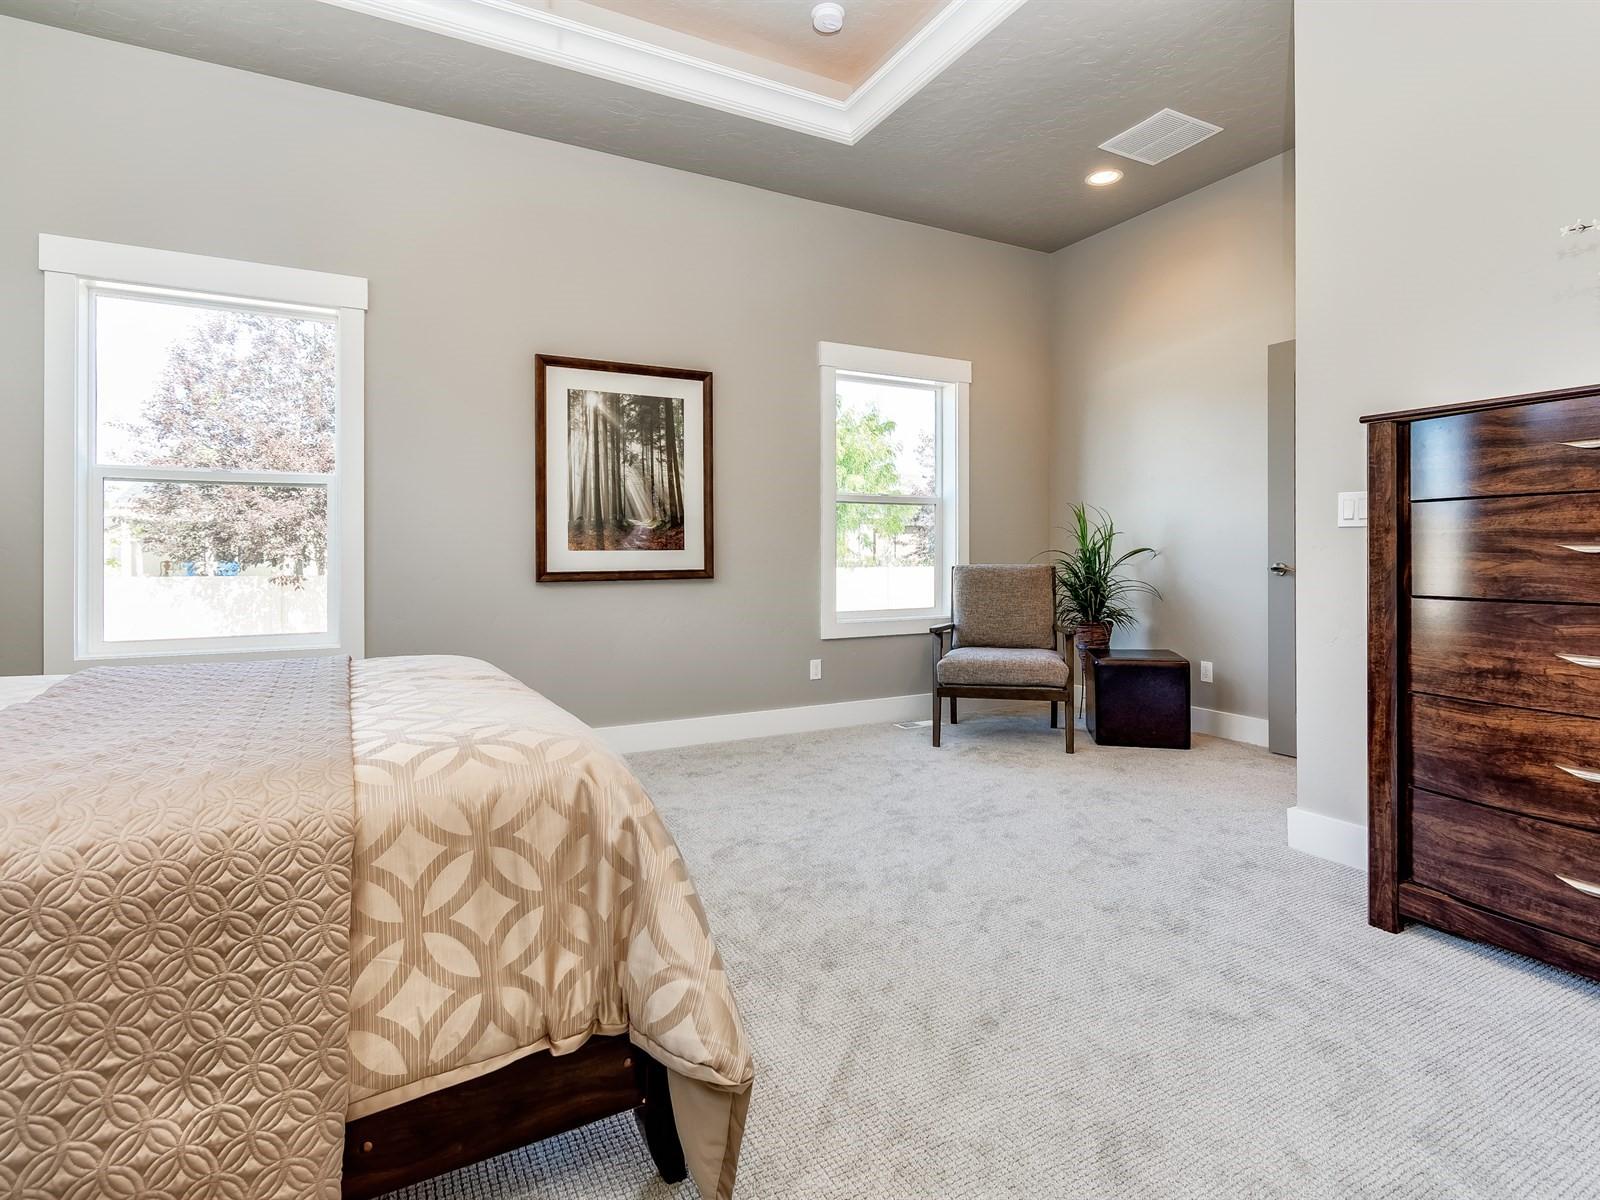 028_Master Bedroom .jpg